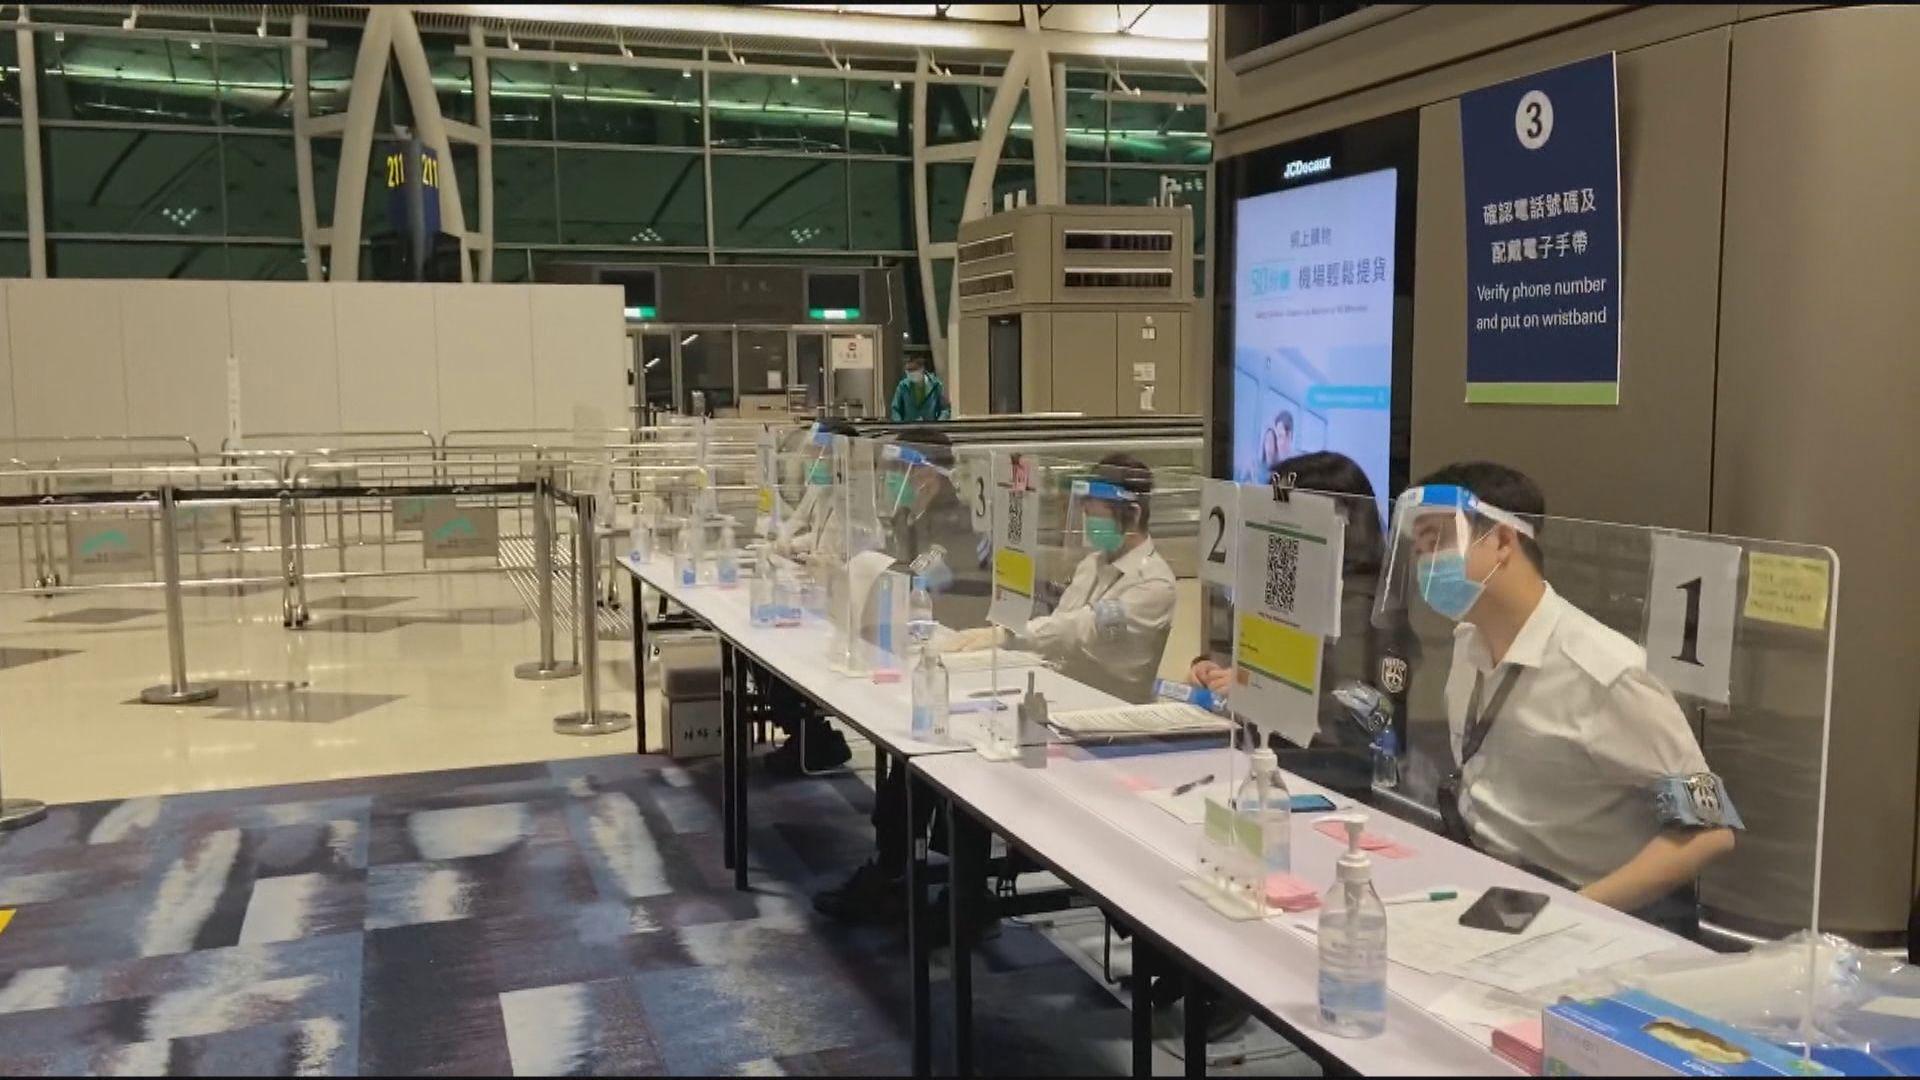 台灣抵港人士將不能在家檢疫 須於酒店檢疫14天